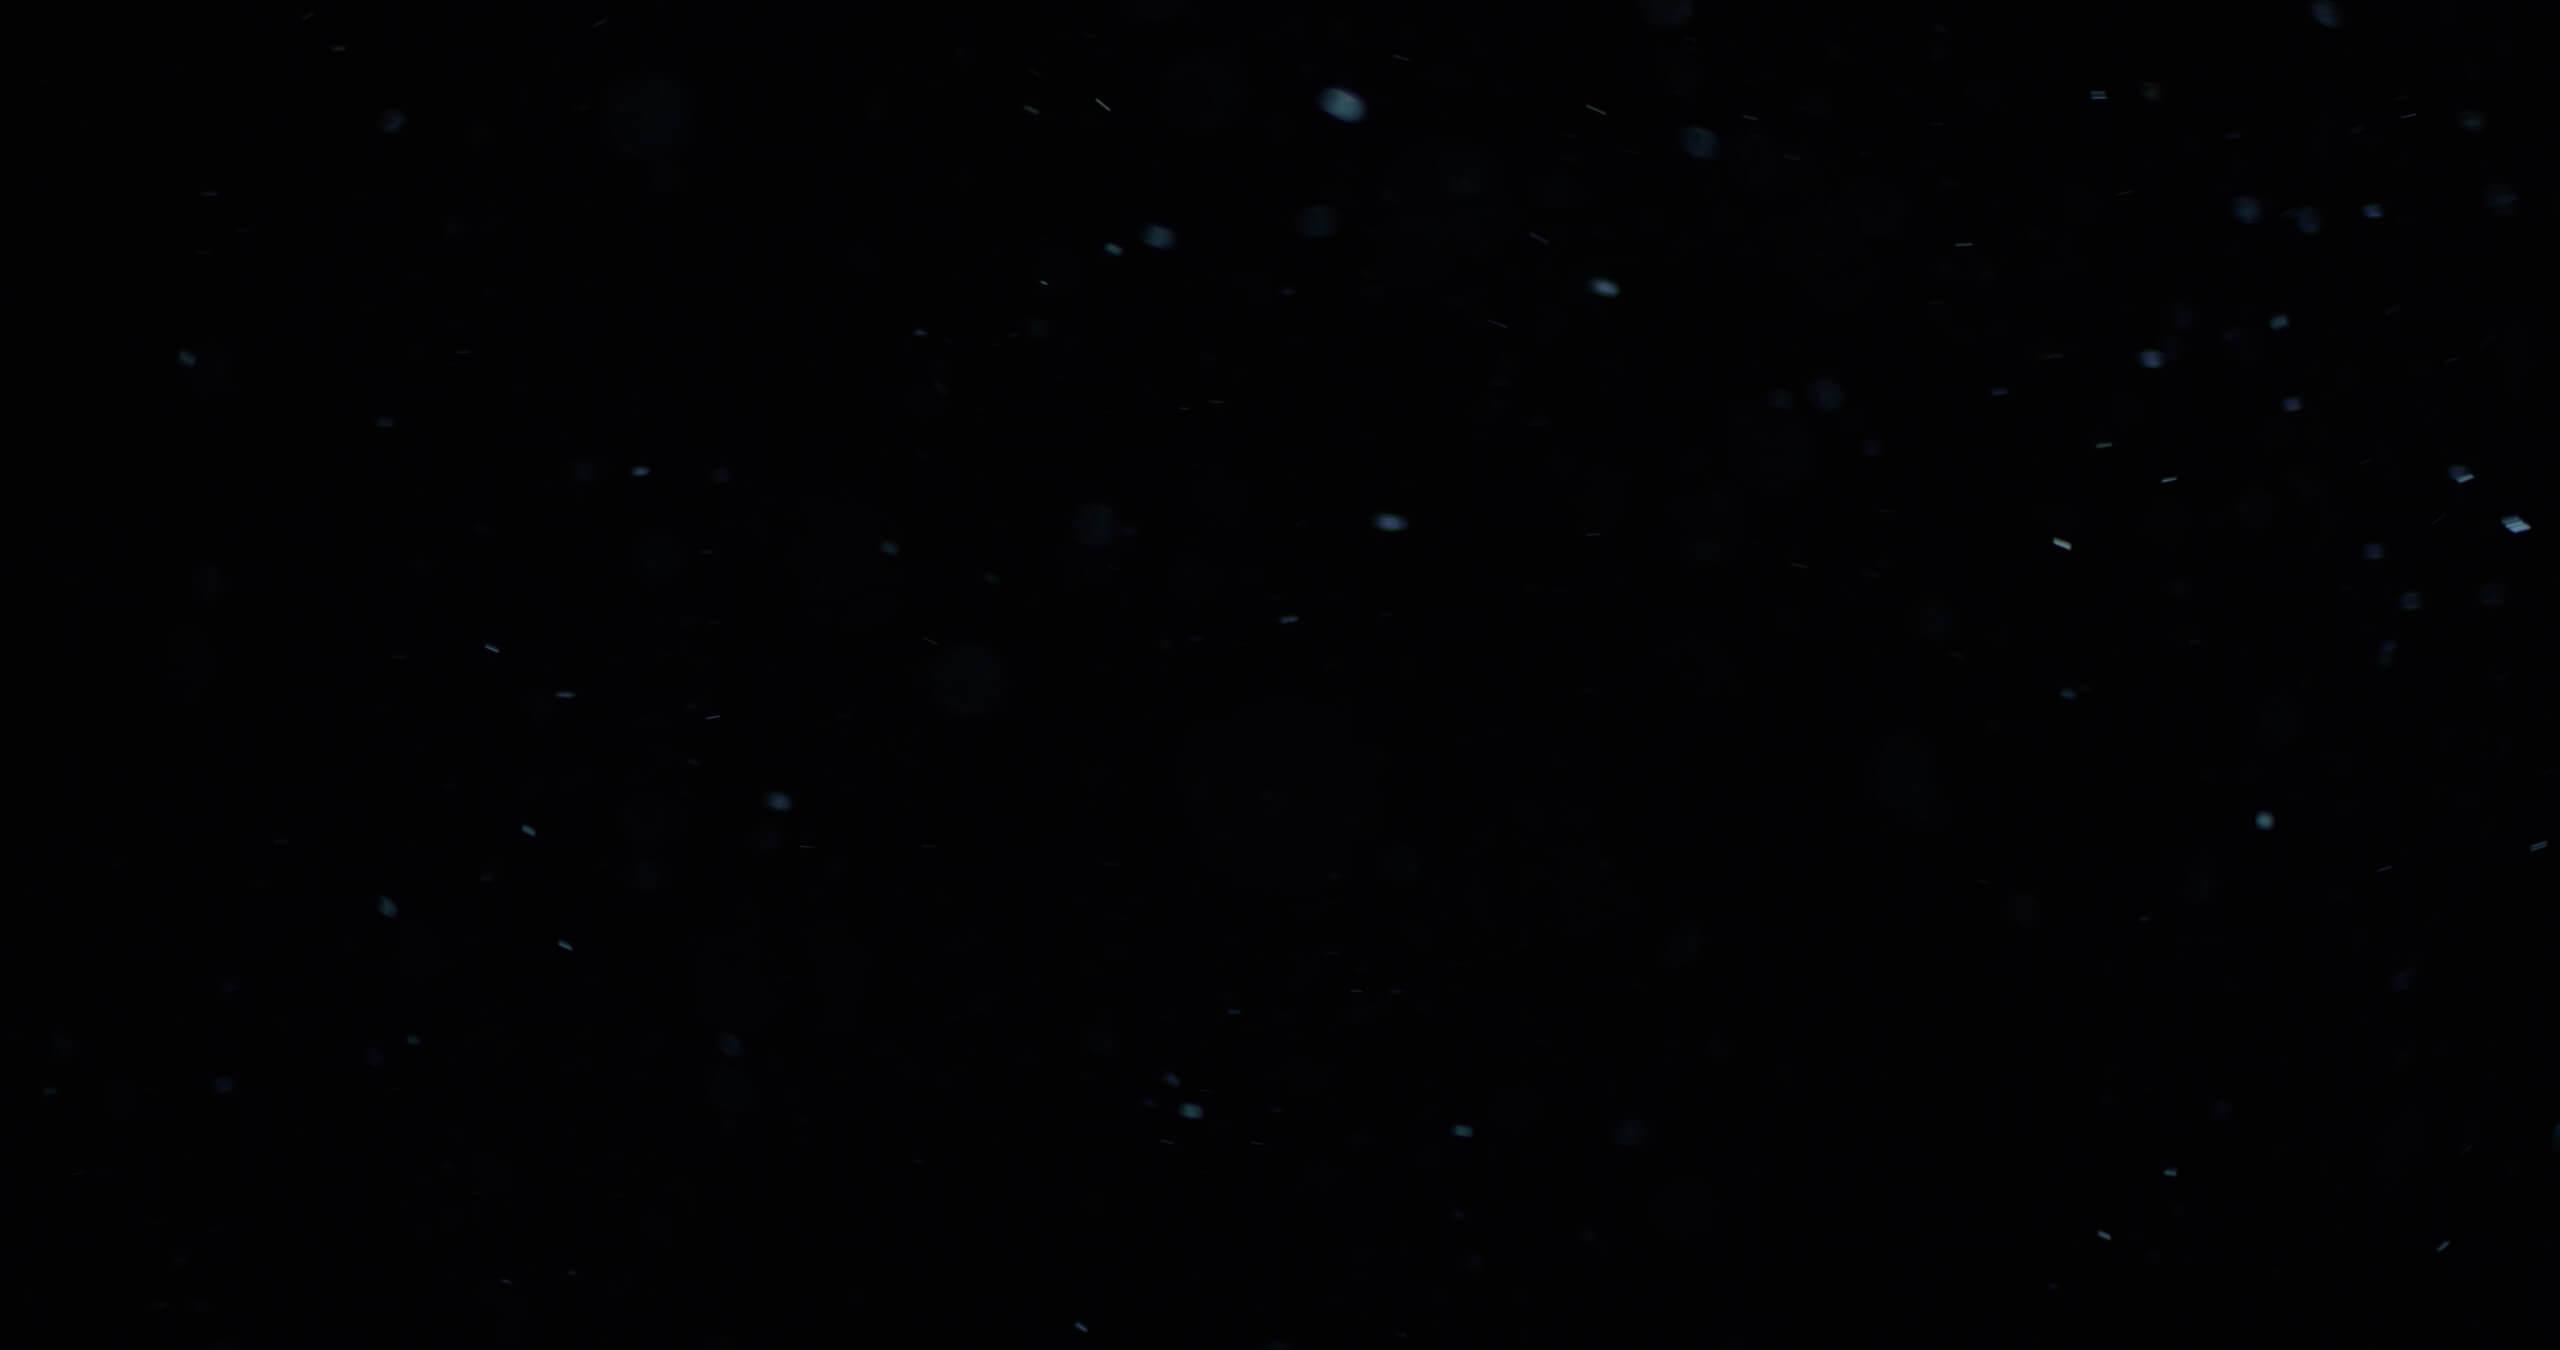 视频素材 100个粉尘粒子悬浮飘动4K视频特效合成素材 CINEDUST